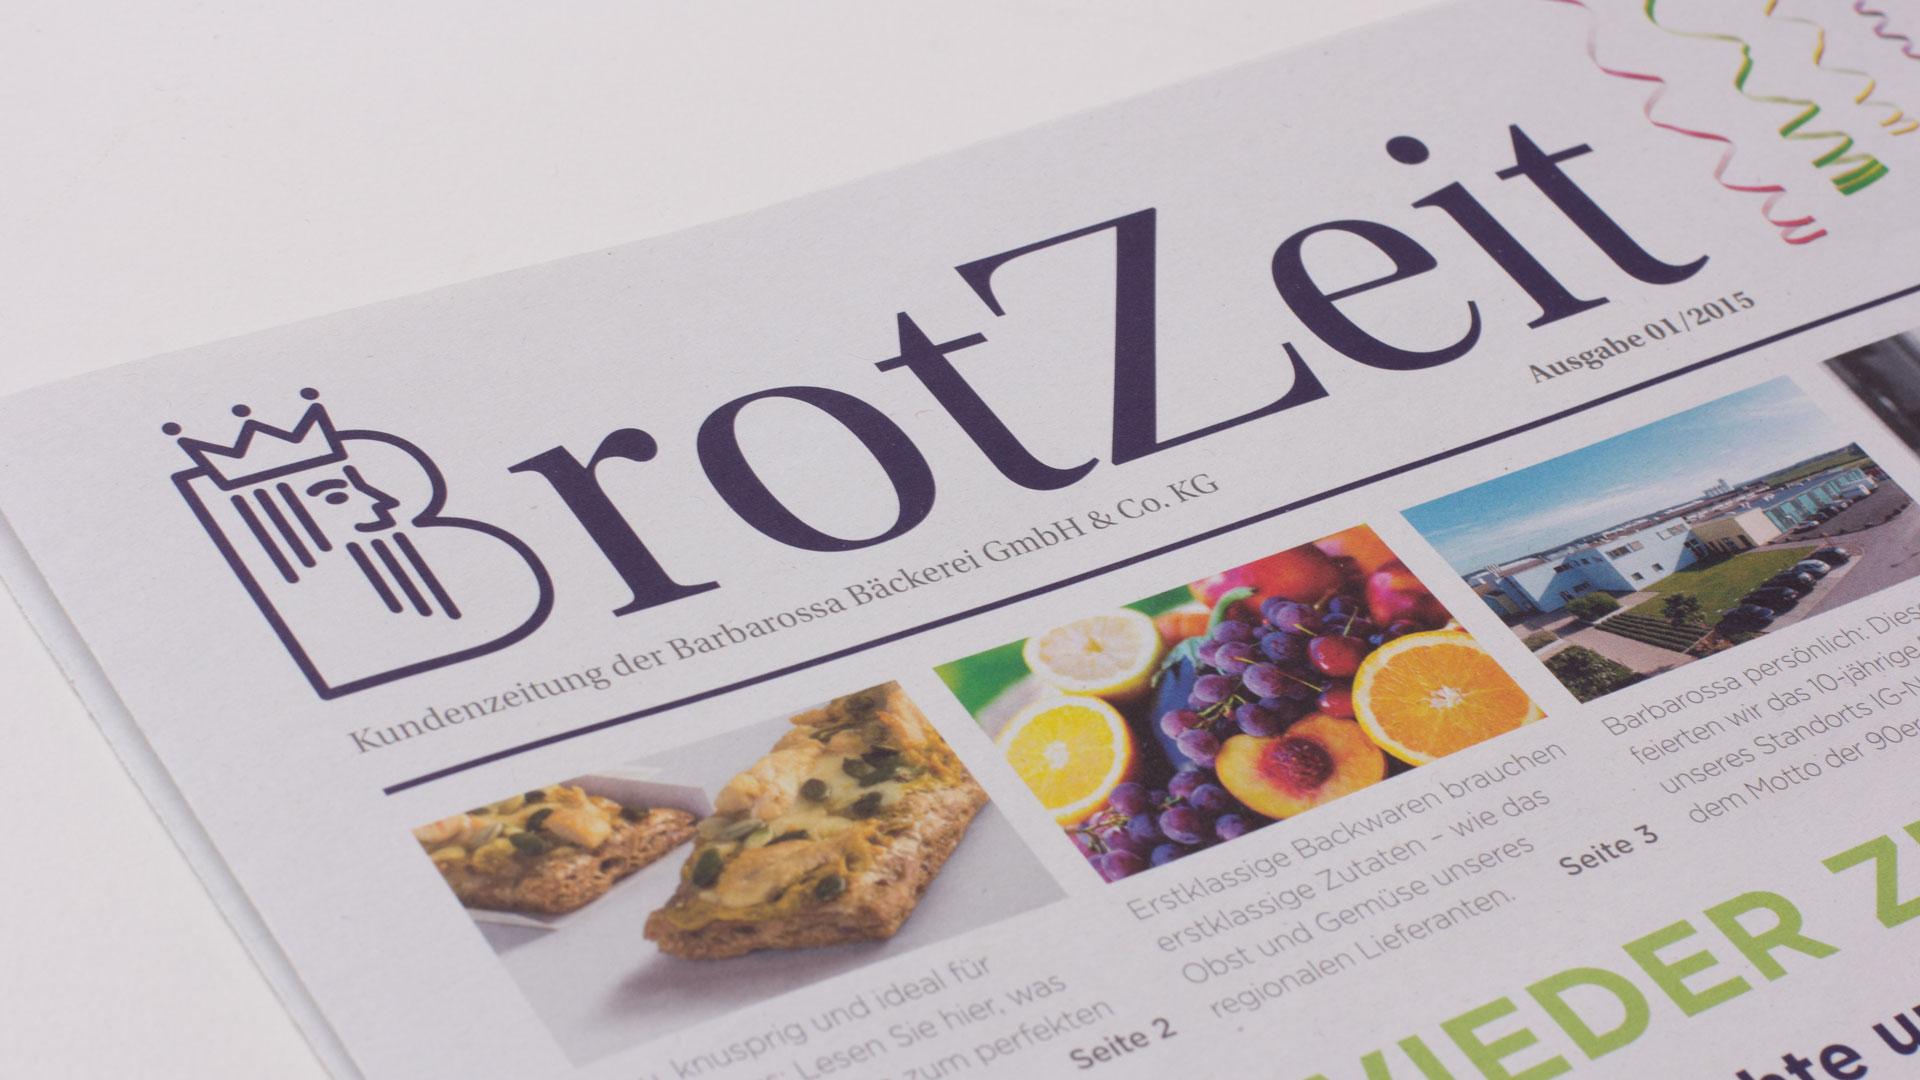 Barbarossa Bäckerei Kaiserslautern Kundenzeitung BrotZeit